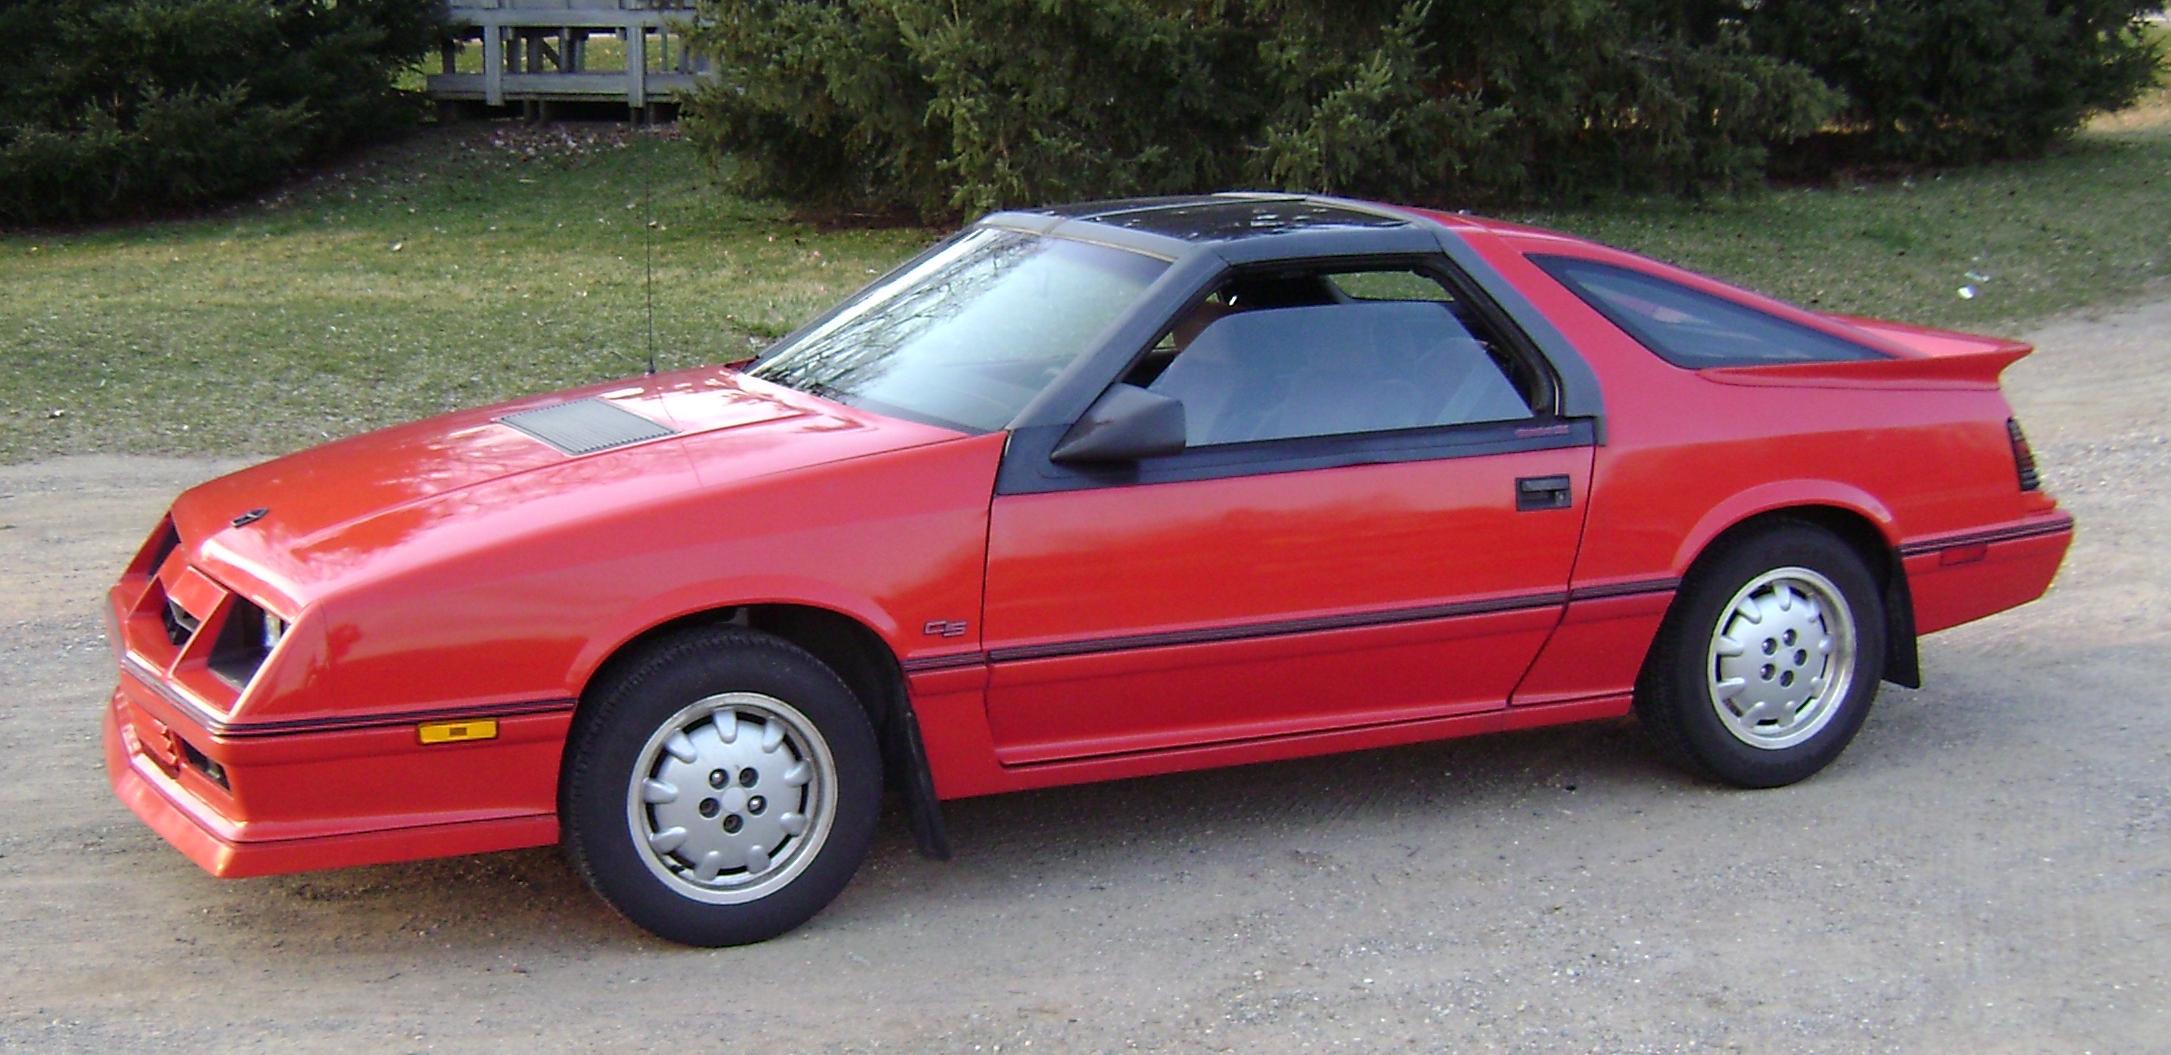 1986 Daytona Turbo Z CS (Carroll Shelby) with T roof